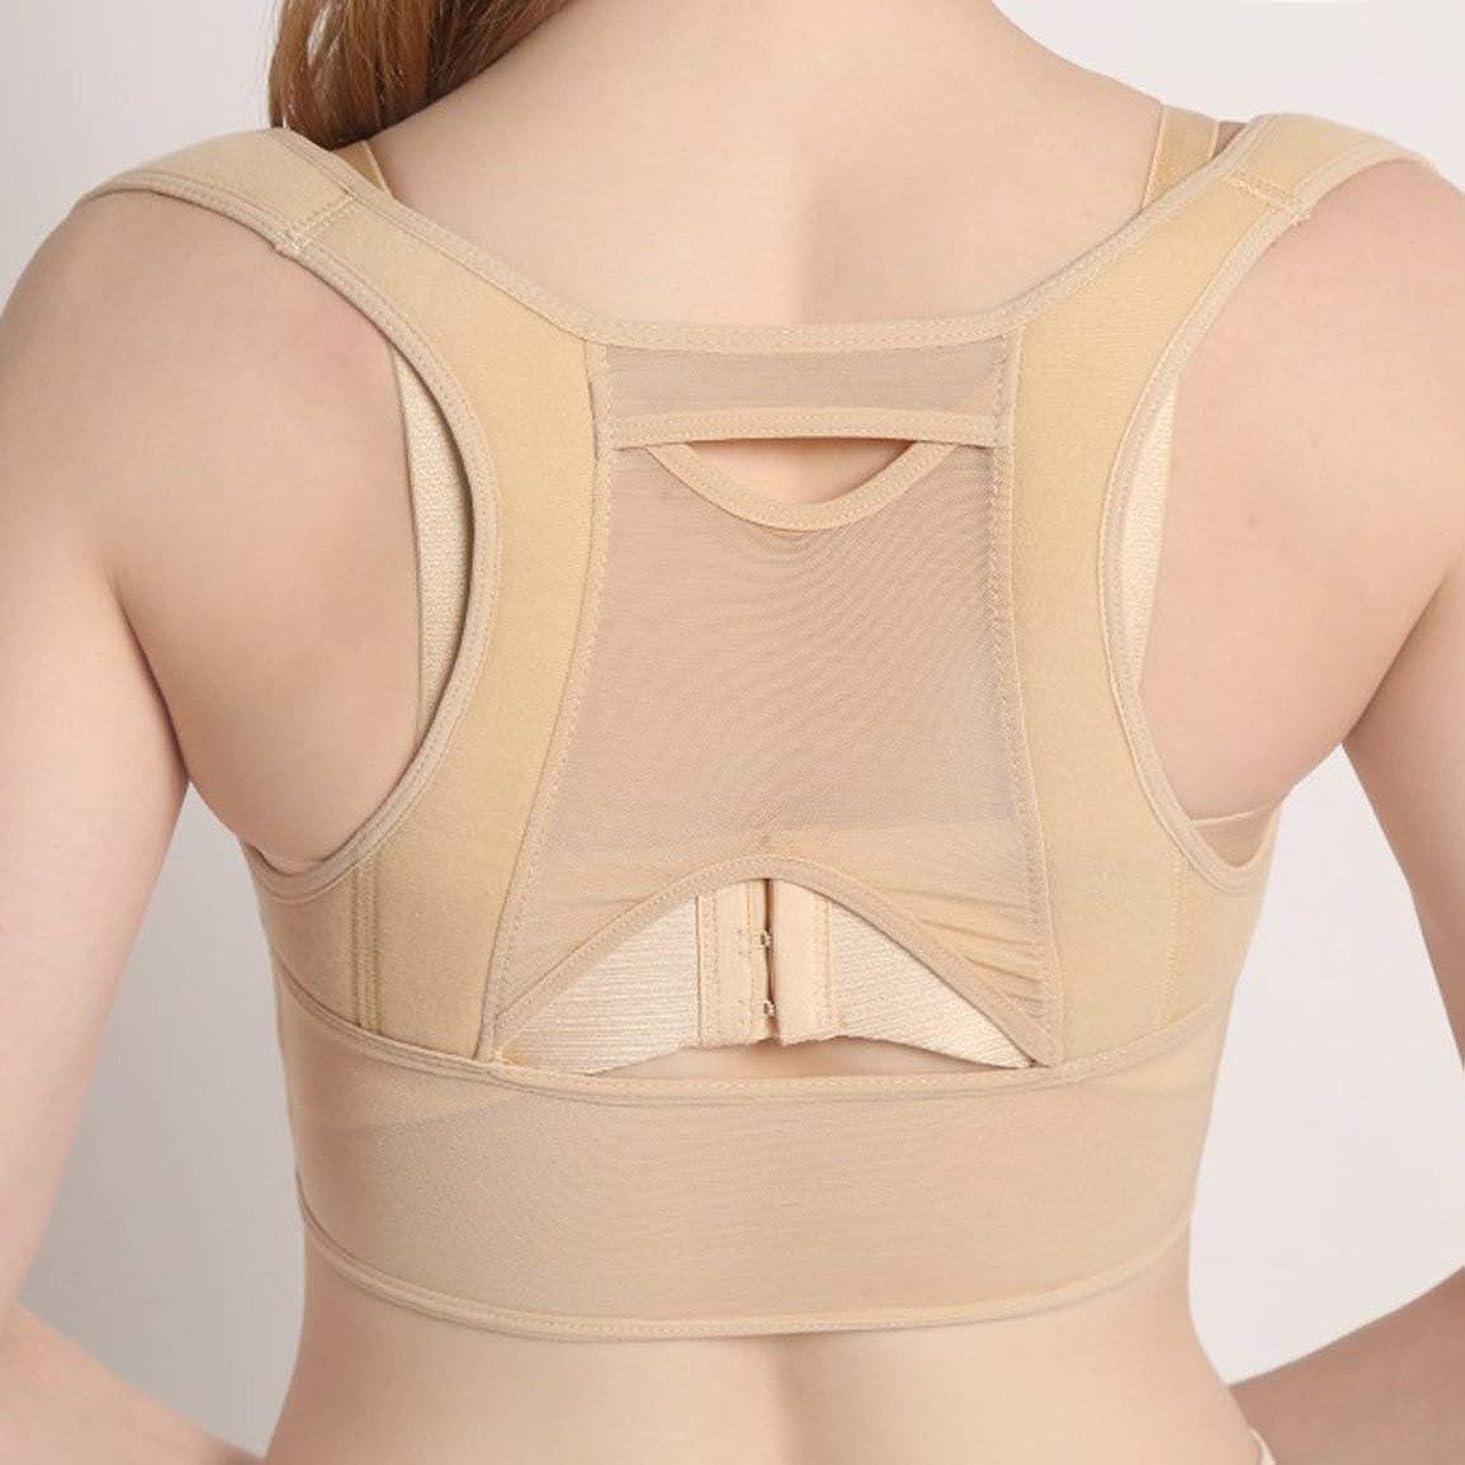 コントロール乳白色欺く通気性のある女性の背中の姿勢矯正コルセット整形外科の肩の背骨の姿勢矯正腰椎サポート - ベージュホワイトM